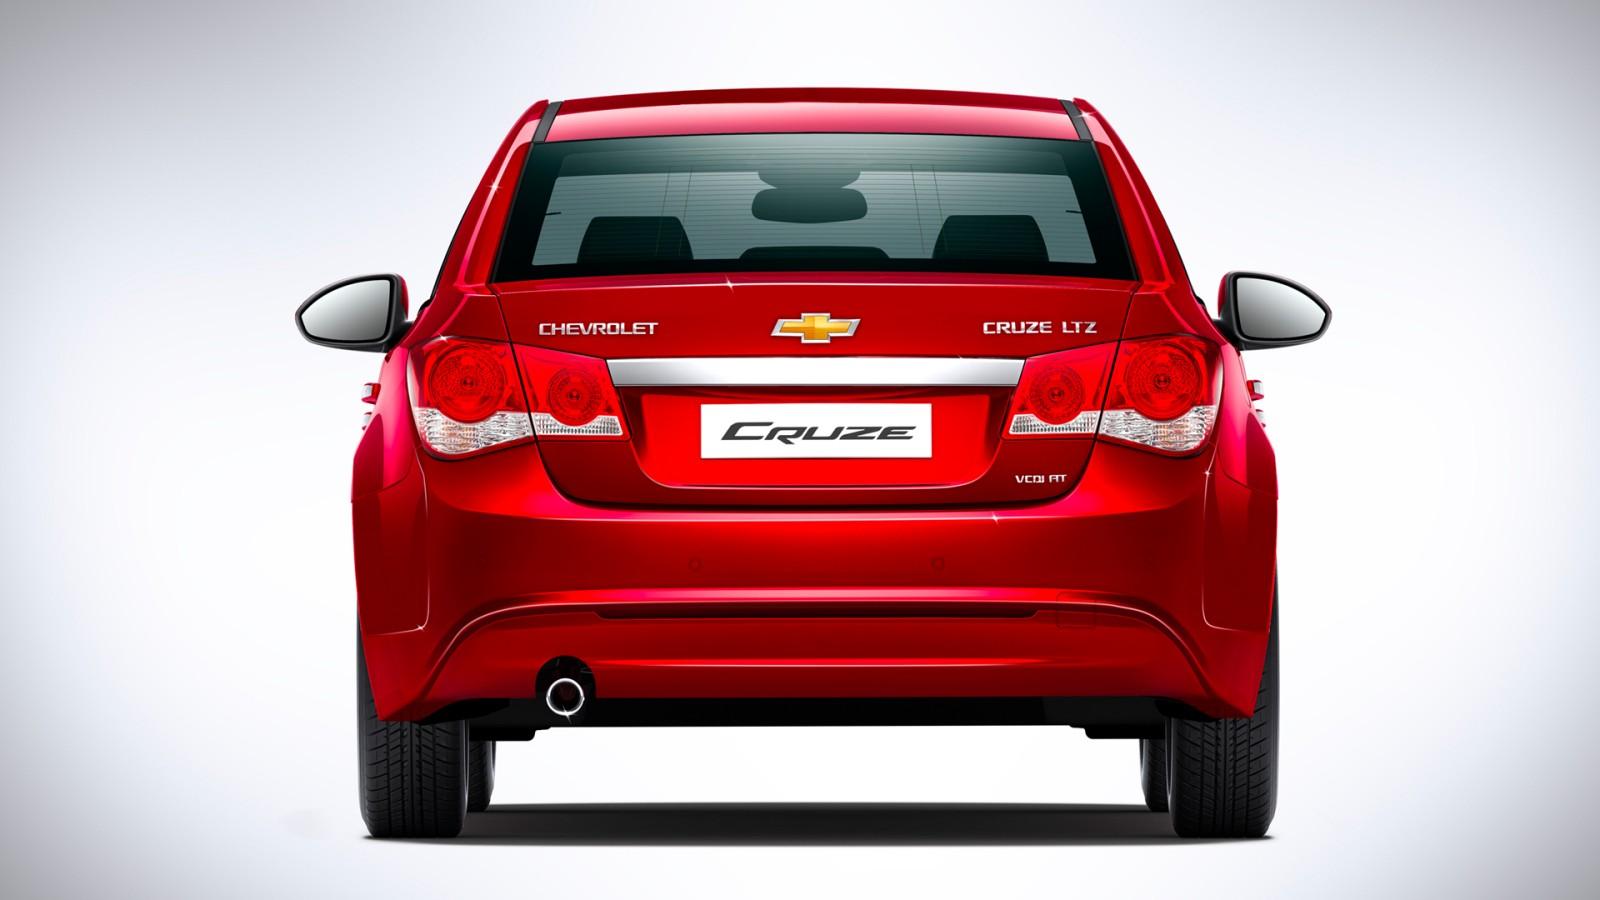 2013-Chevrolet-Cruze-Facelift-Pics (3)